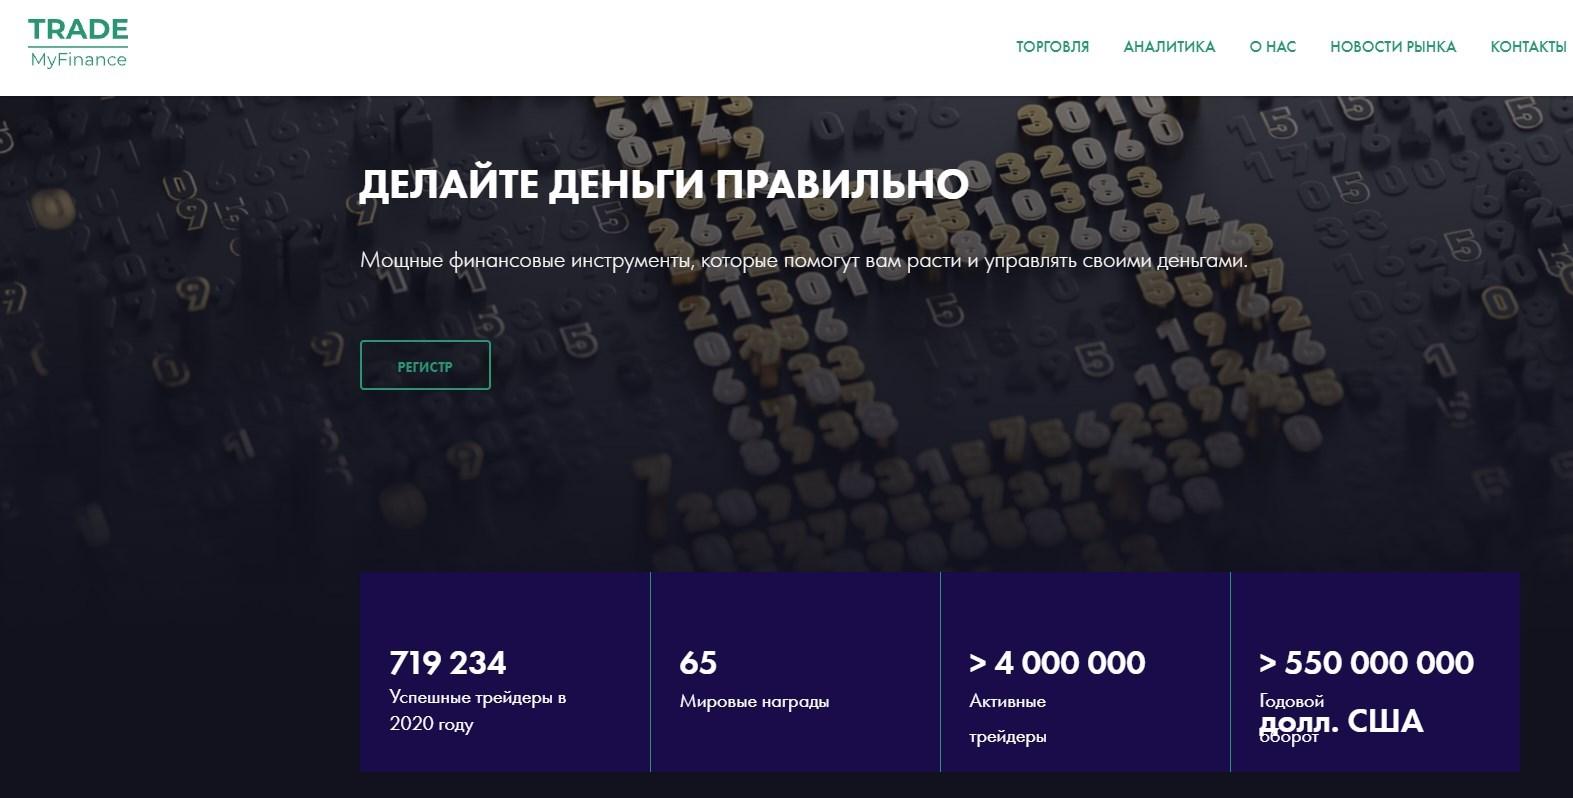 TradeMyFinance: отзывы, обзор брокерской компании